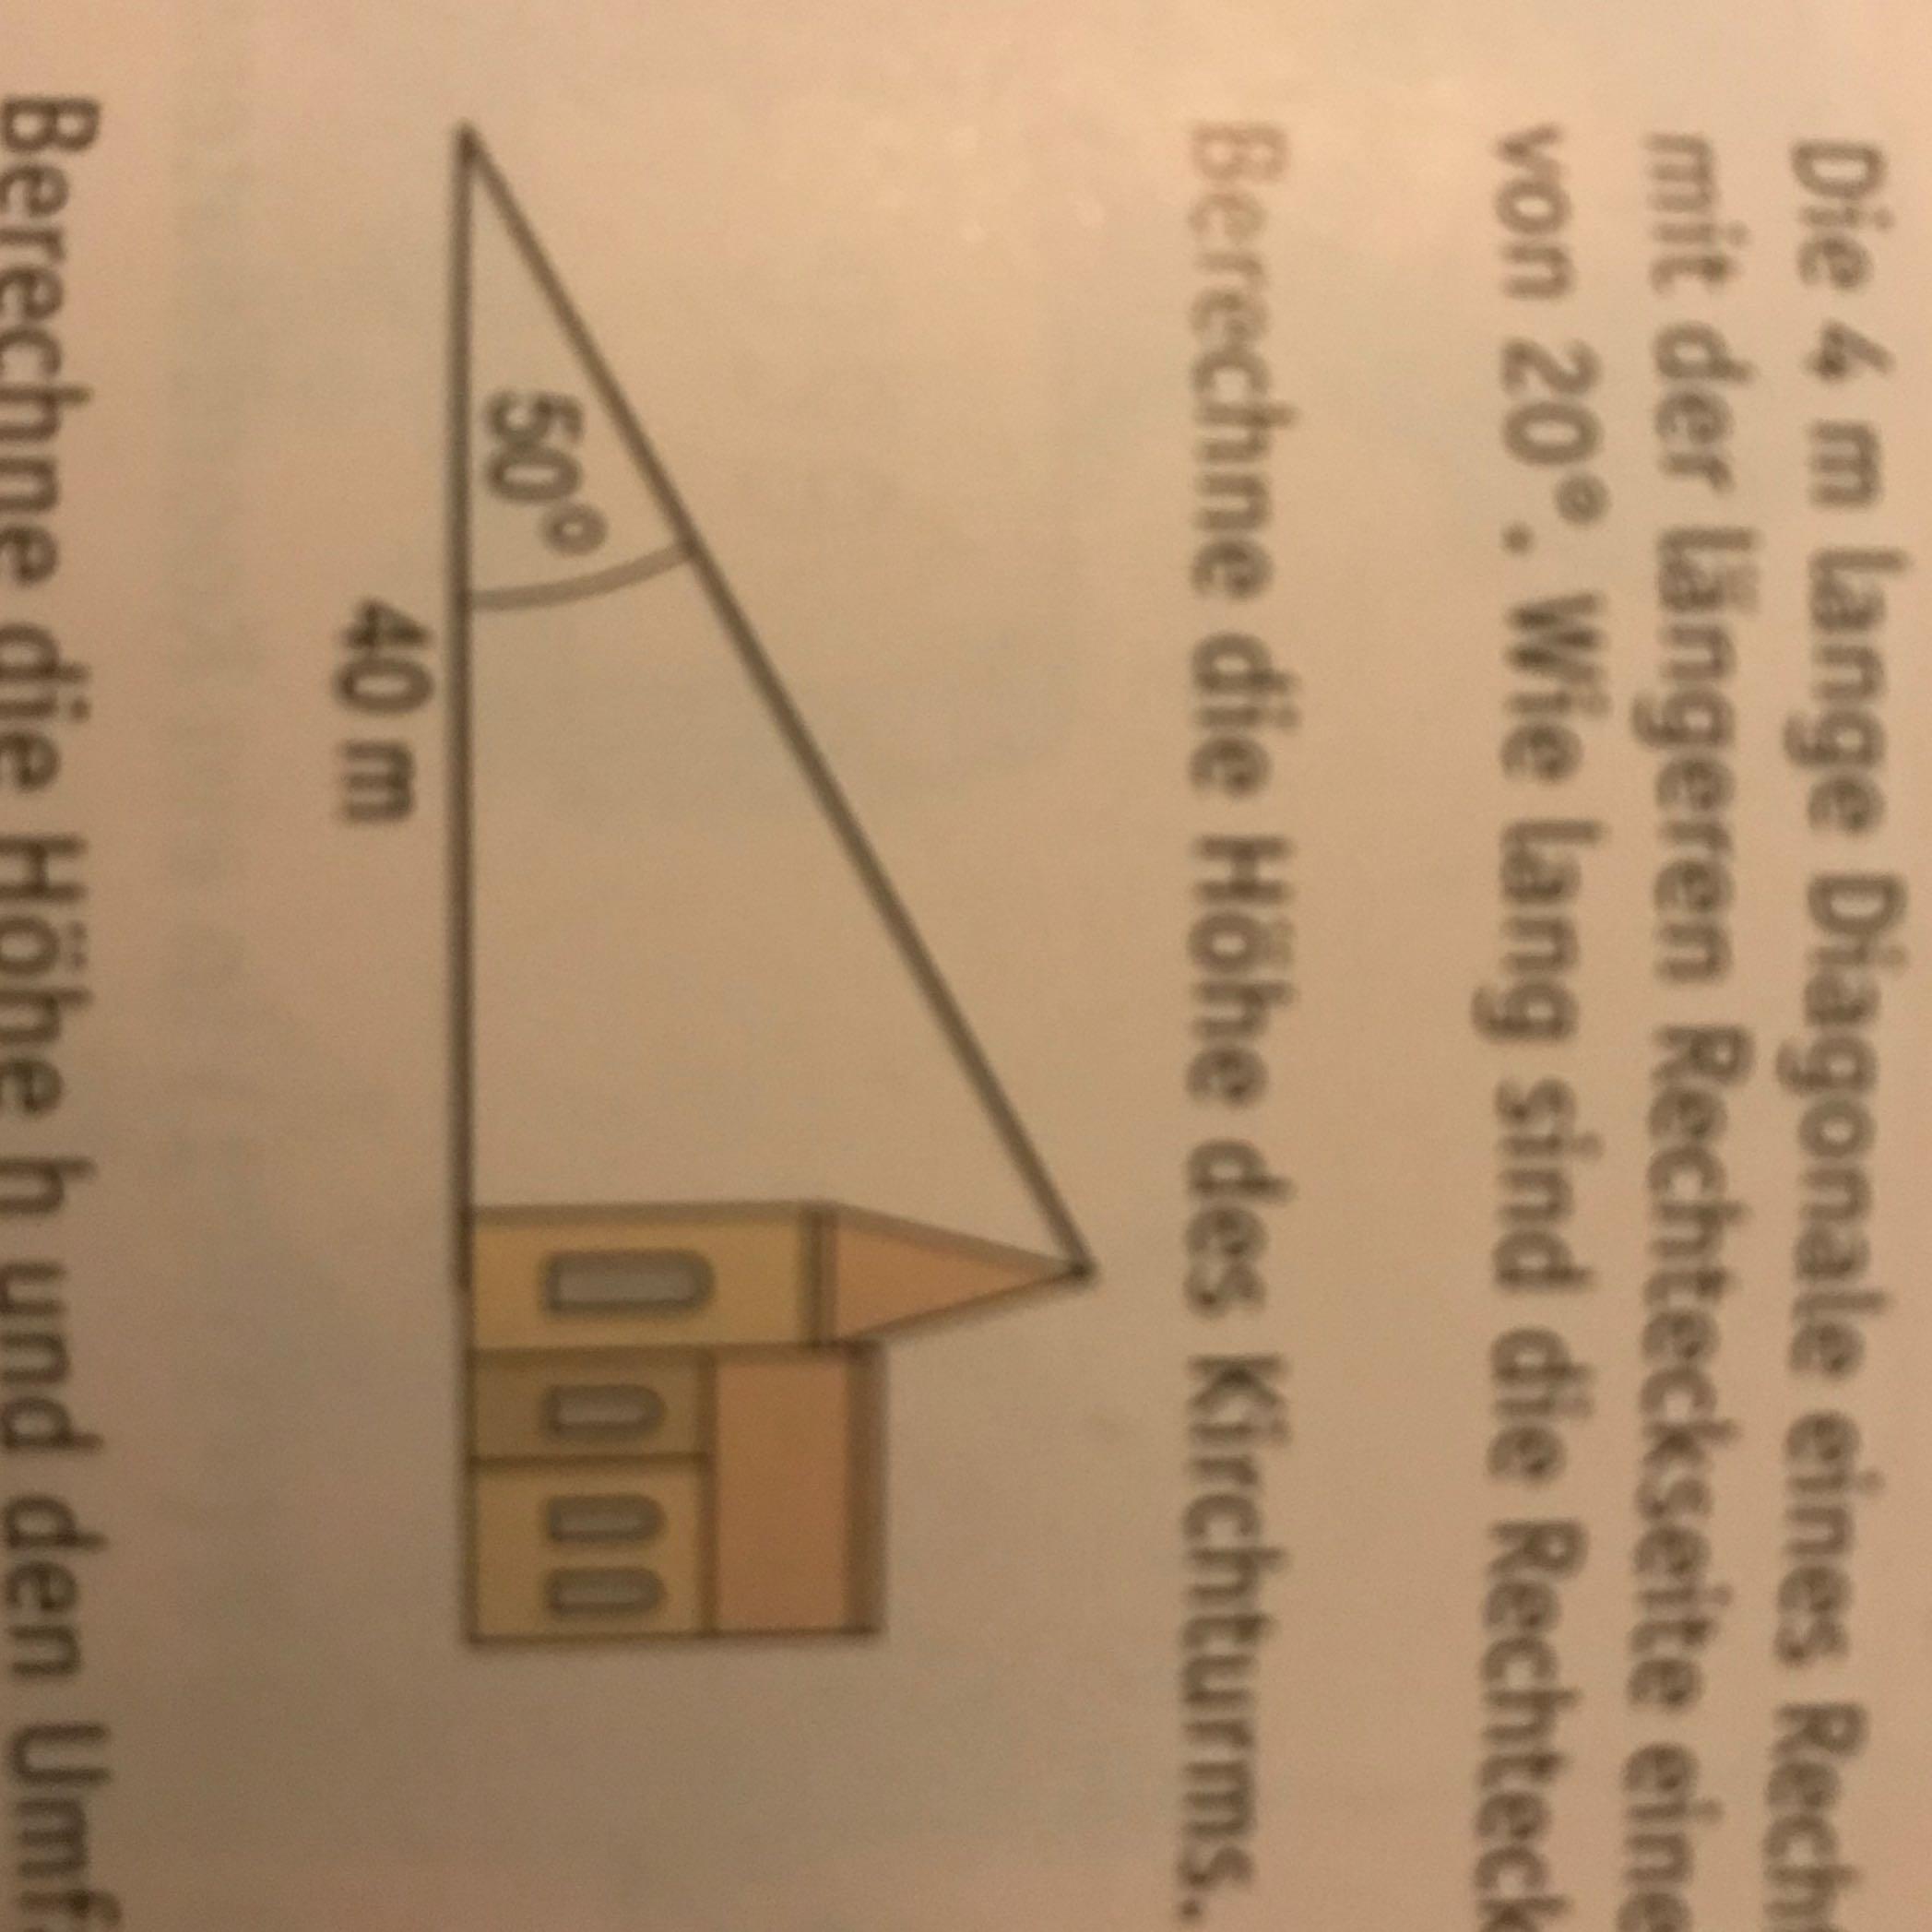 mathe wendepunkt berechnen mathe aufgabe wendestellen berechnen rechnung logik zap wendepunkte. Black Bedroom Furniture Sets. Home Design Ideas